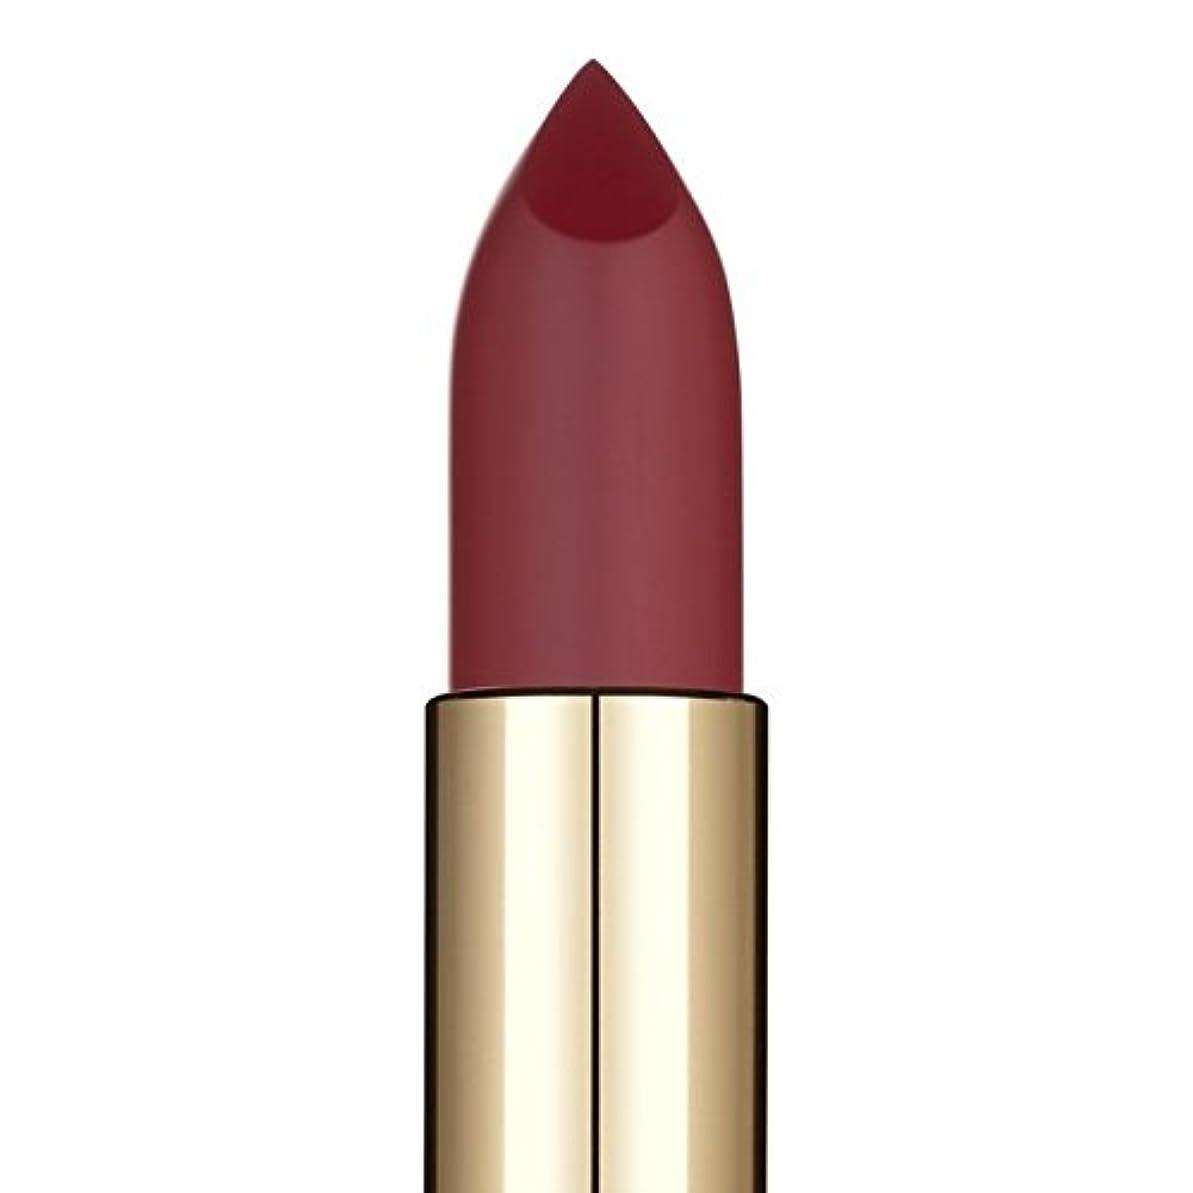 どれでもインセンティブ残基L'Oreal Paris Color Riche Lipstick Matte, Mon Jules 430 (Pack of 6) - ロレアルパリのカラーリッシュ口紅マット、月ジュール430 x6 [並行輸入品]